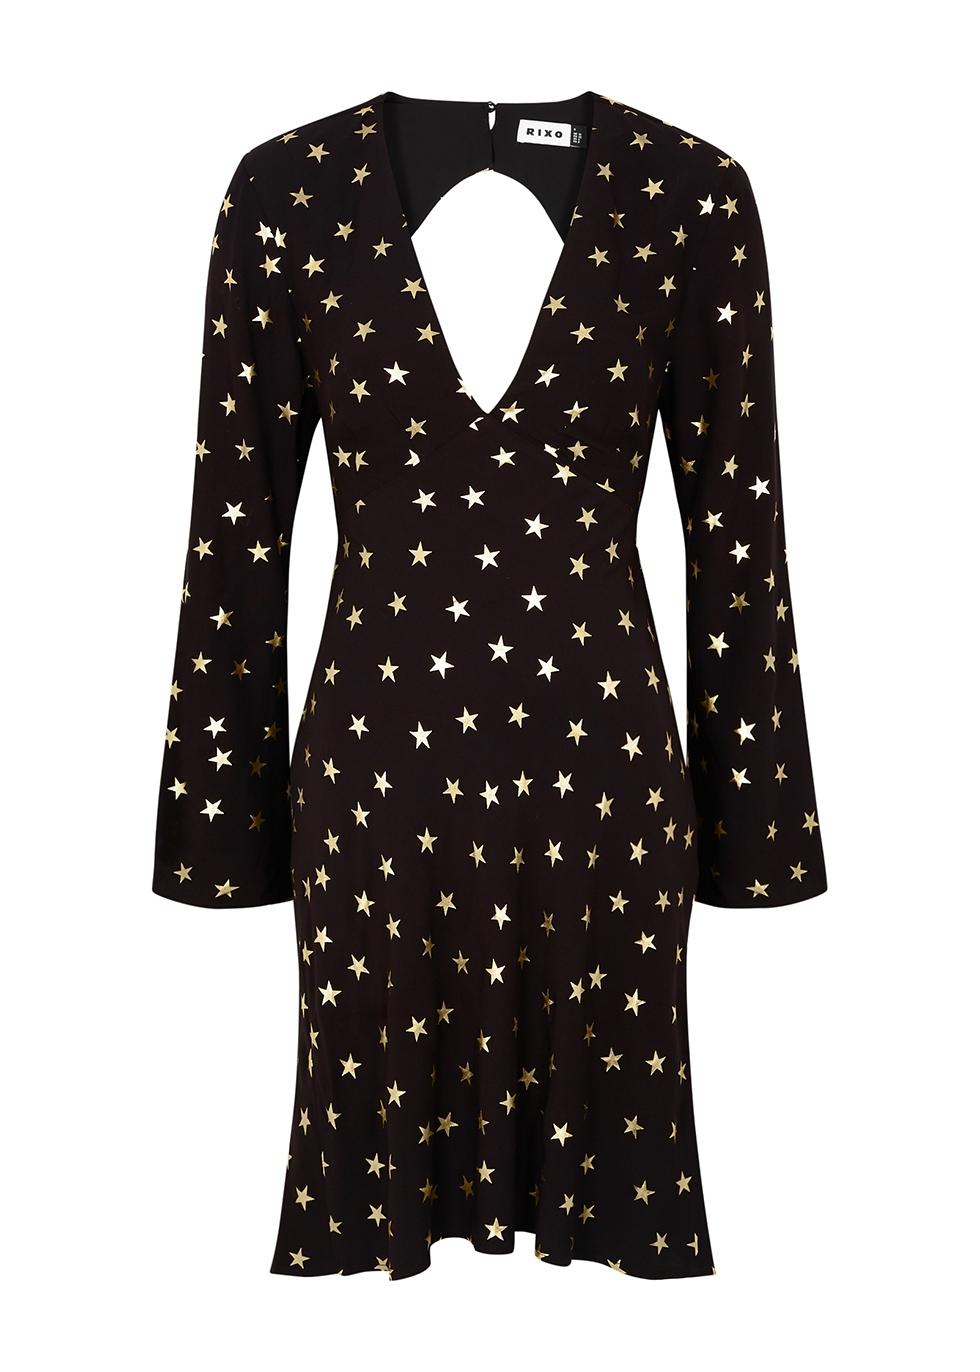 Sophie star-print mini dress